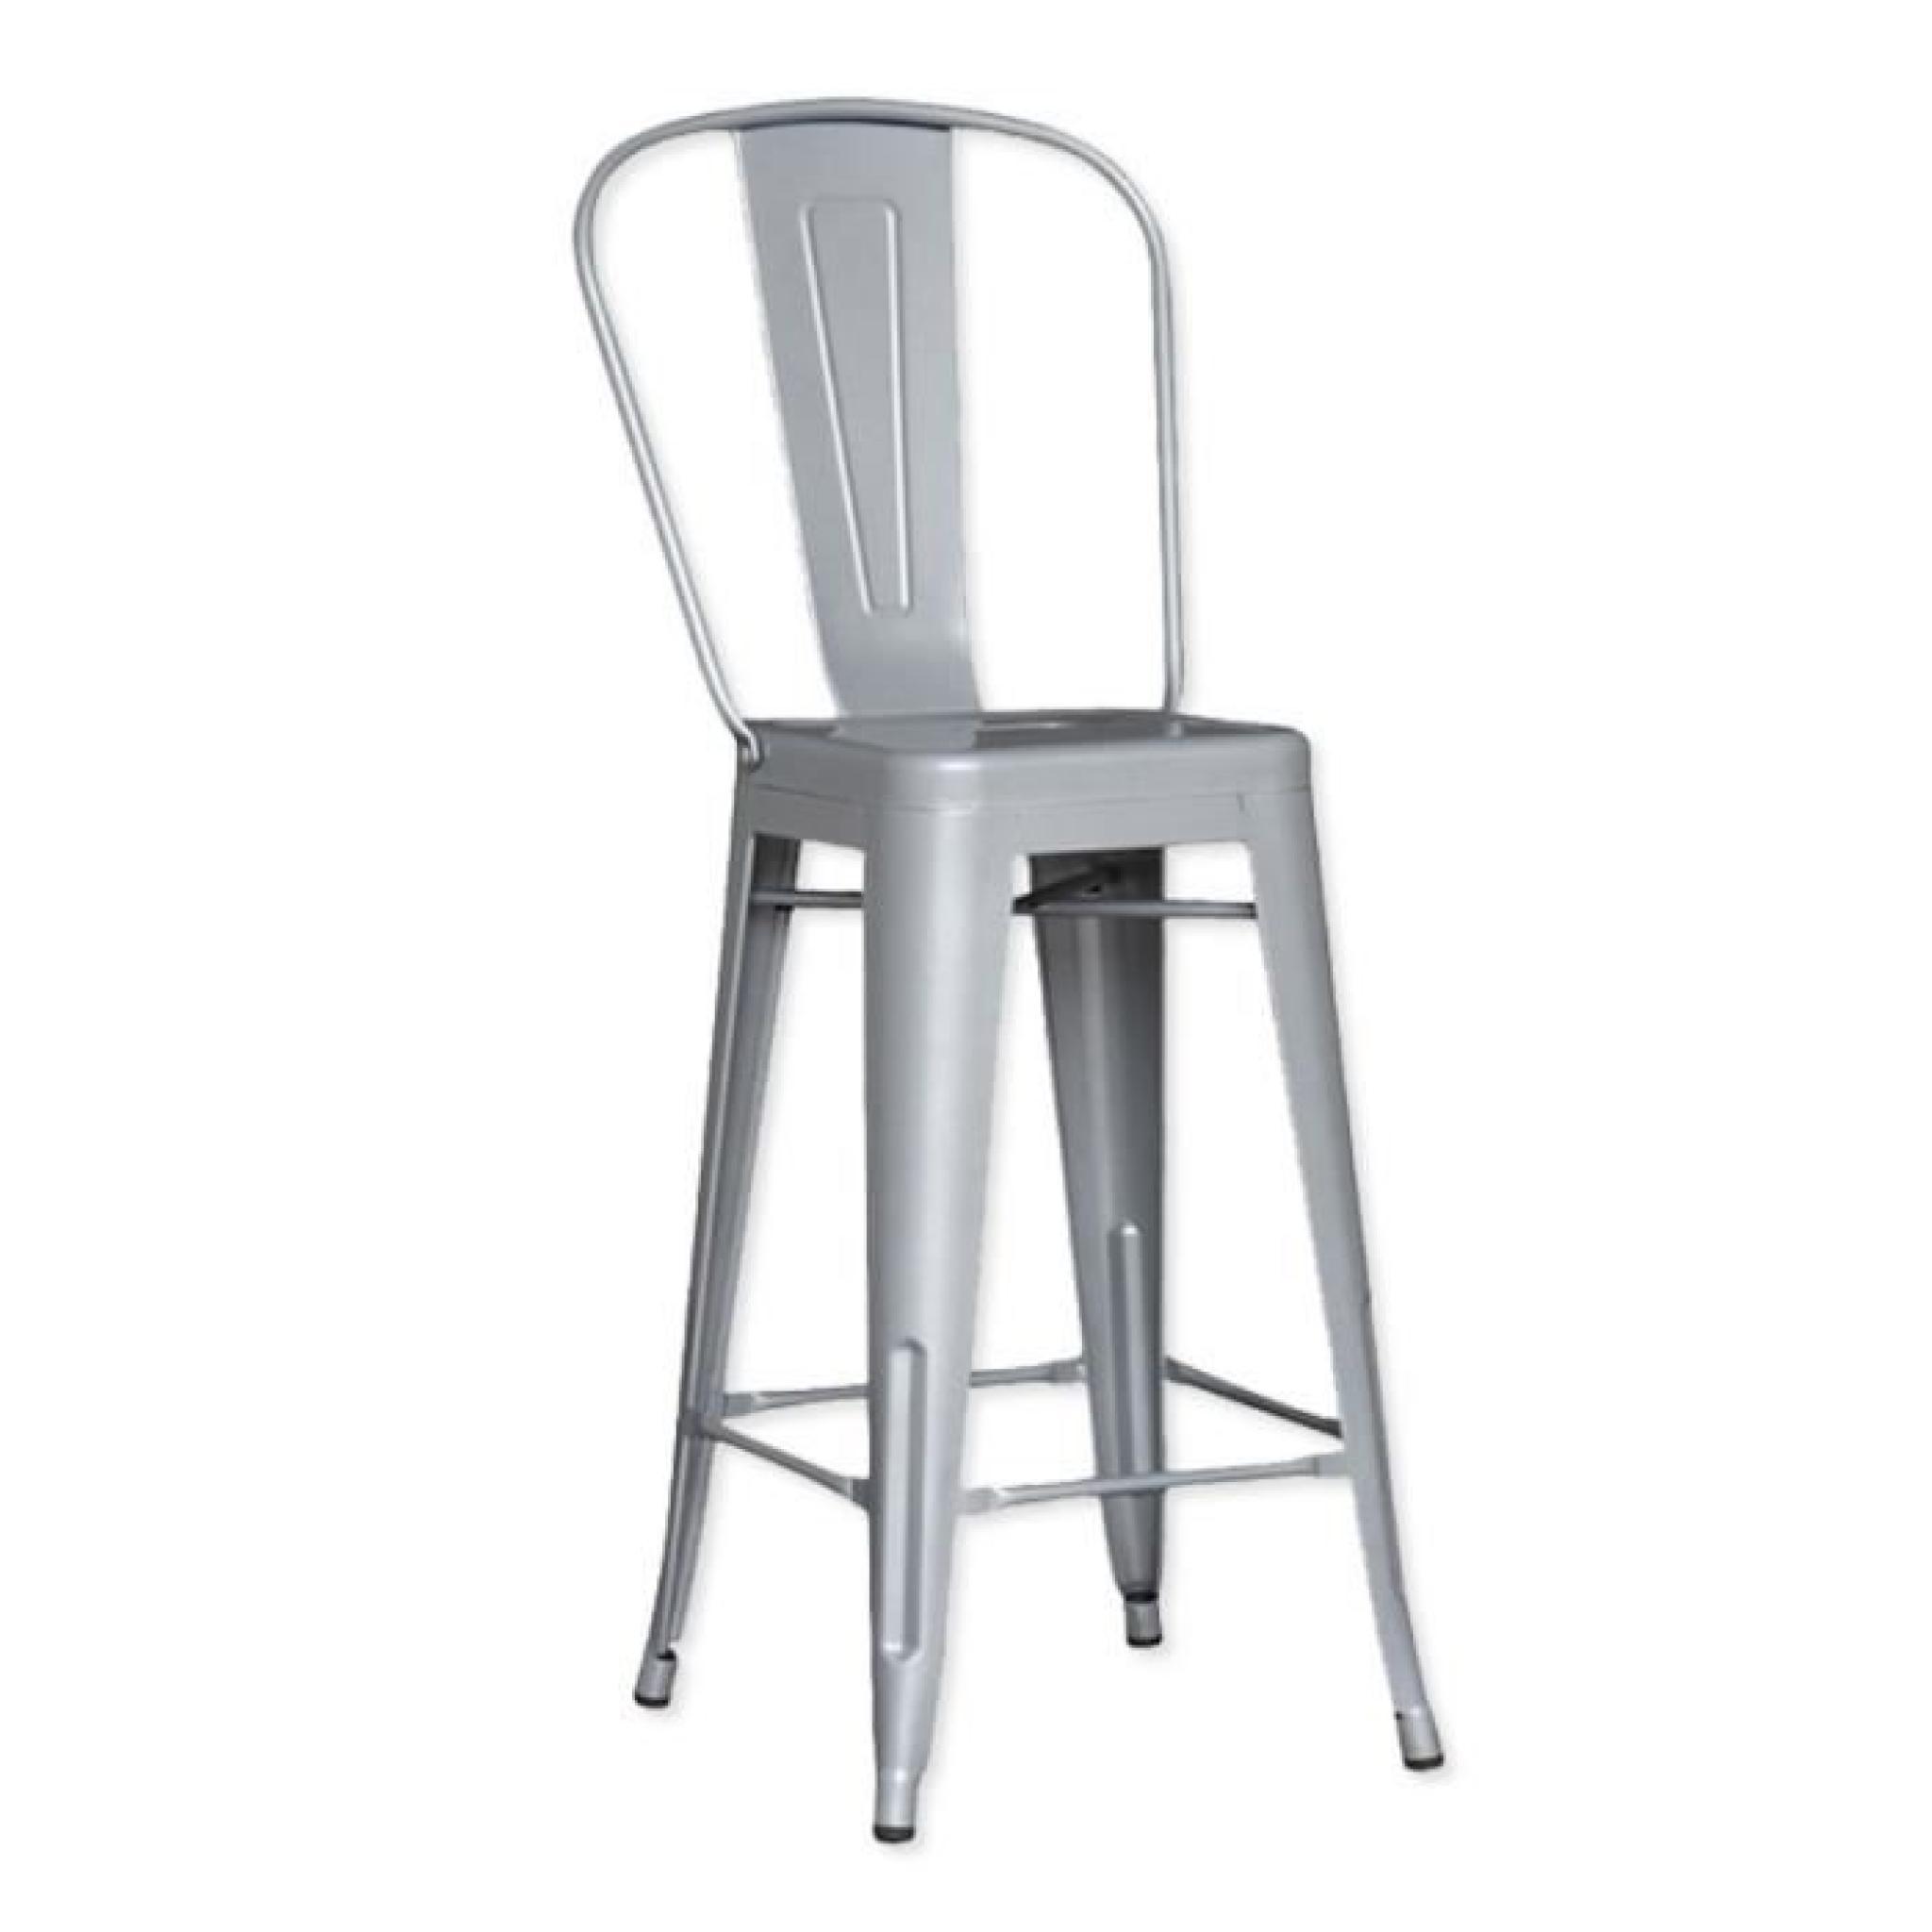 Lot de 4 chaises de bar m tal loft laqu gris achat vente tabouret de bar p - Lots de chaises pas cher ...